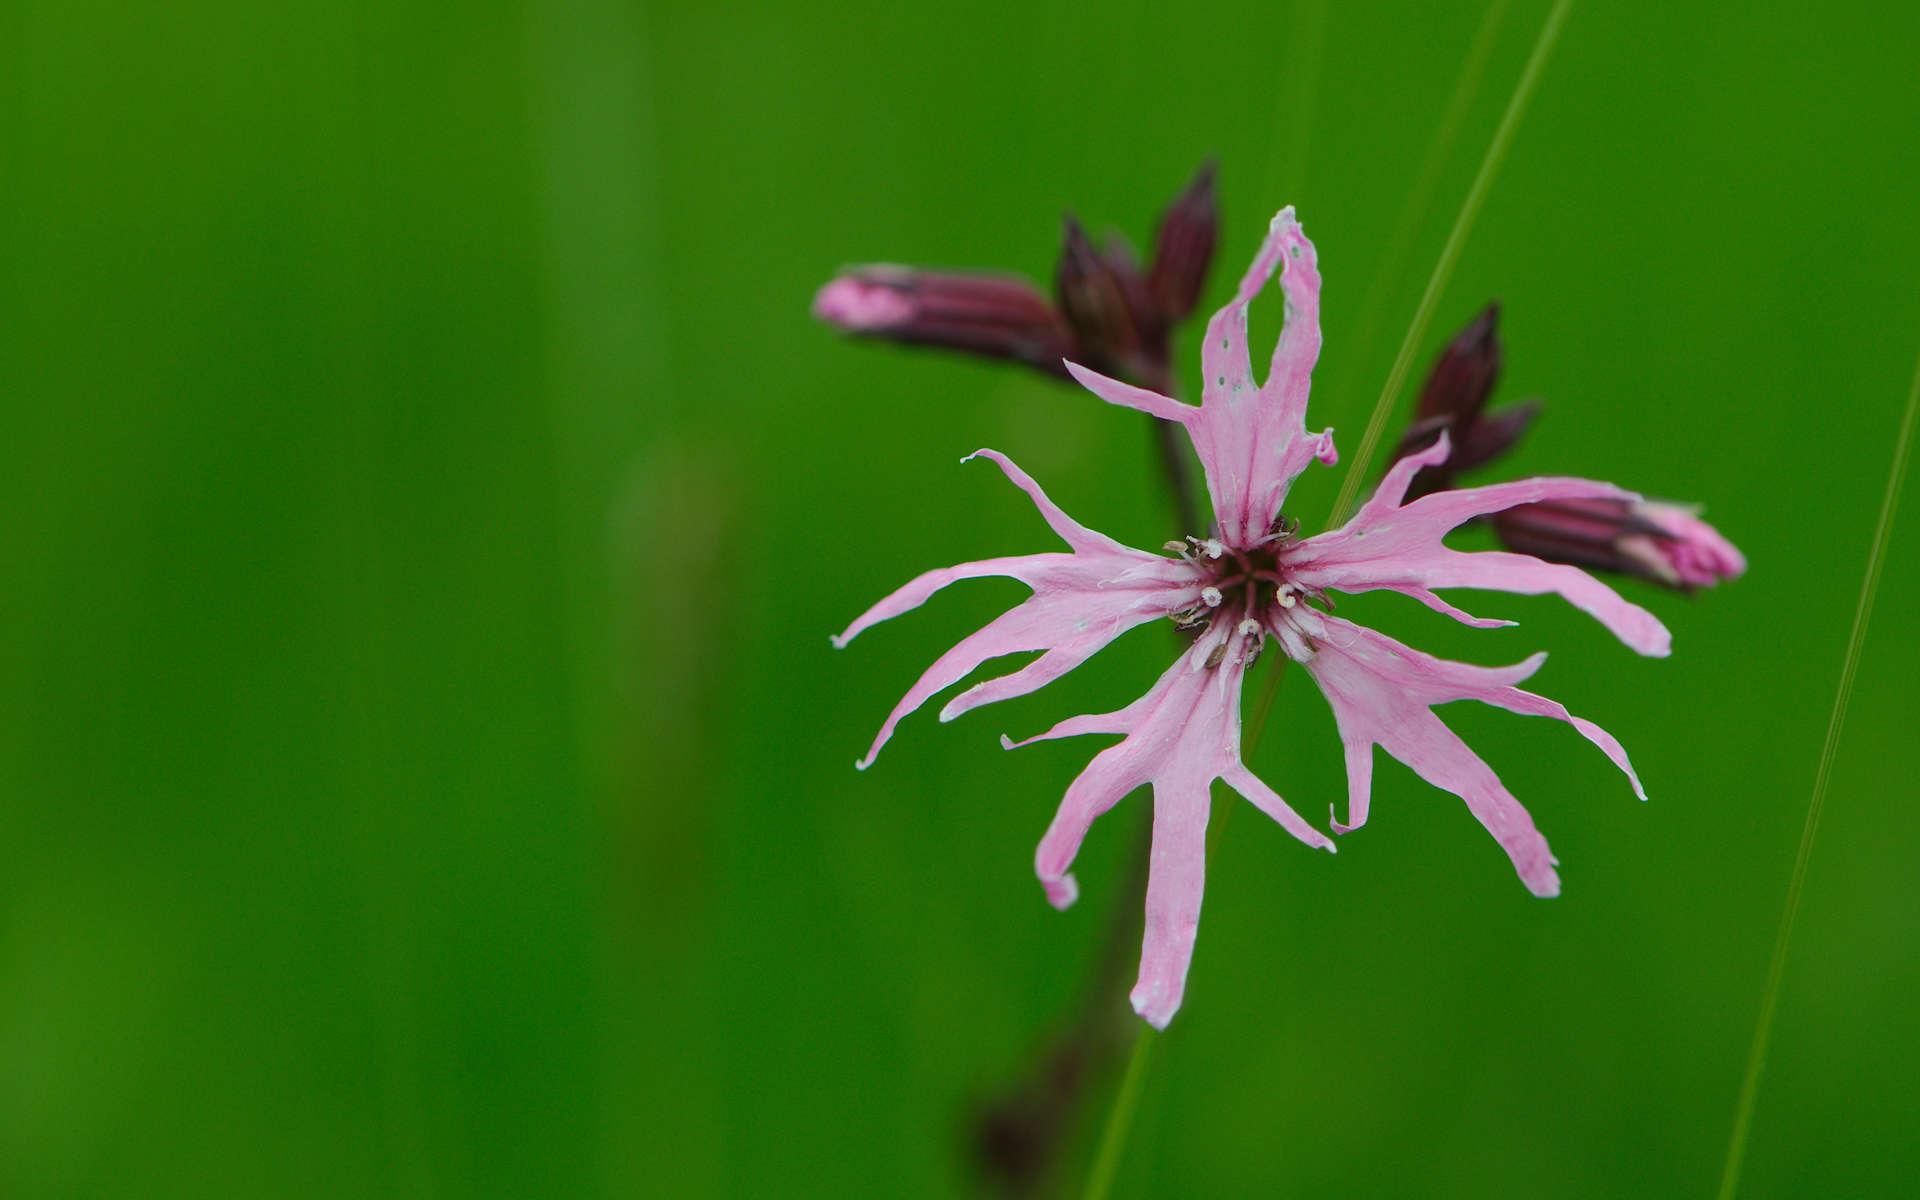 Silène fleur de coucou (Crédits: Magnus Hagdorn - Flickr)